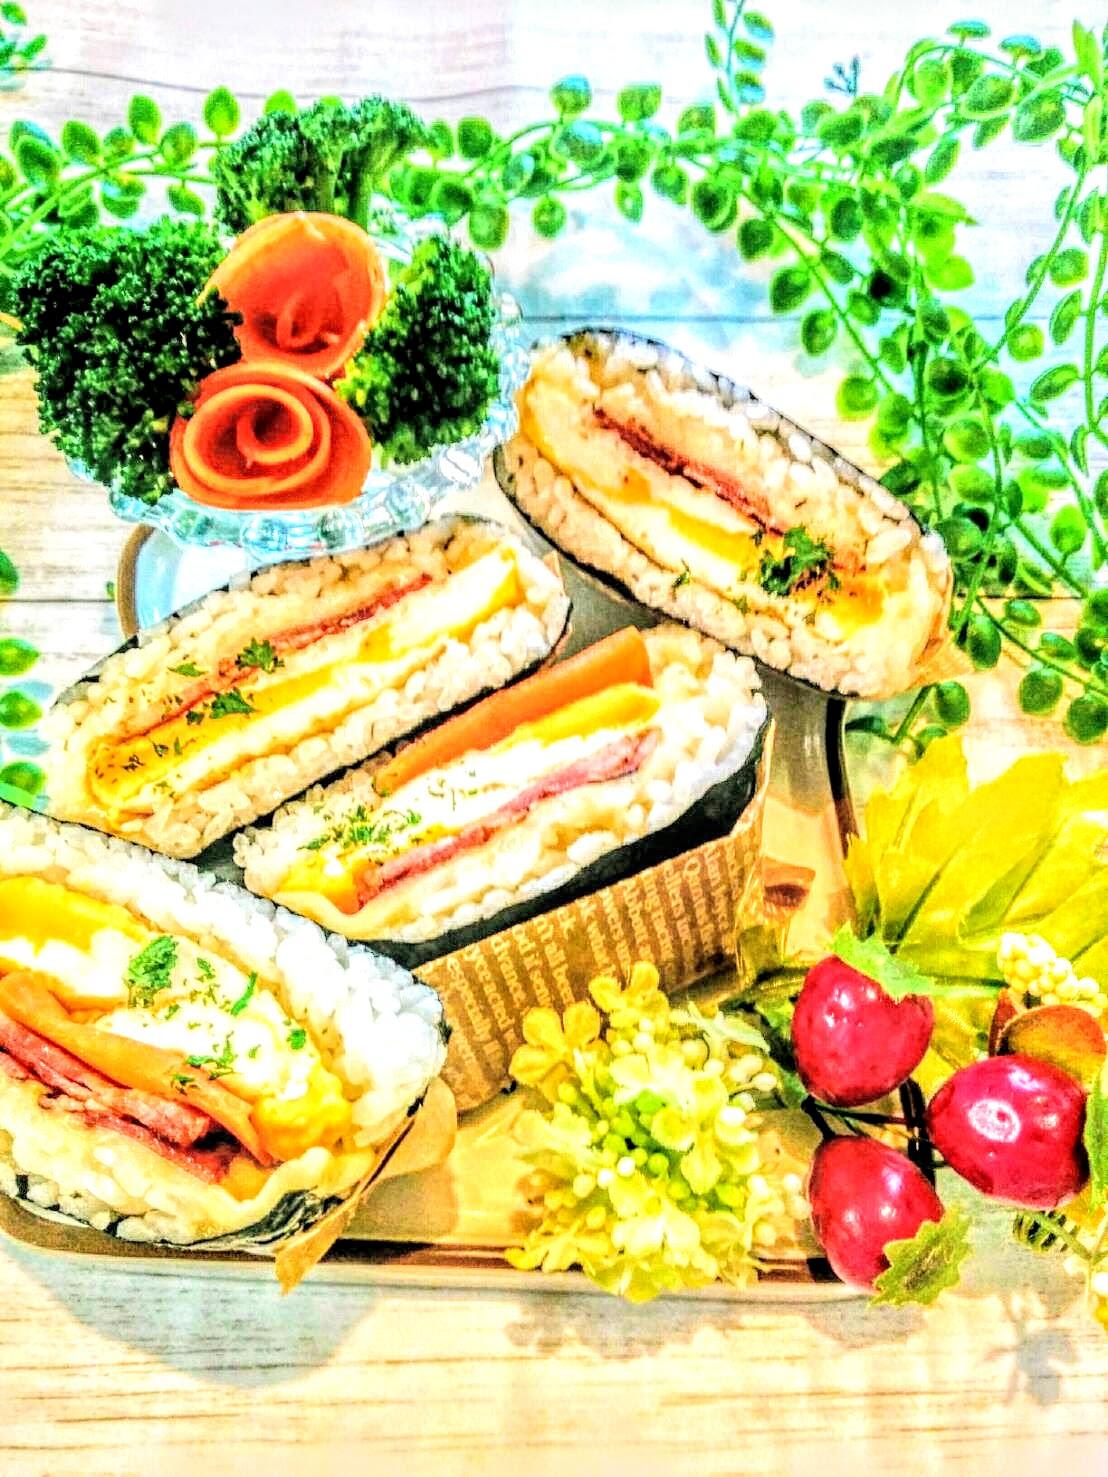 【小樽】娘の今日のお弁当・クロックマダム風ニギラーズ弁当グルメ案内です。